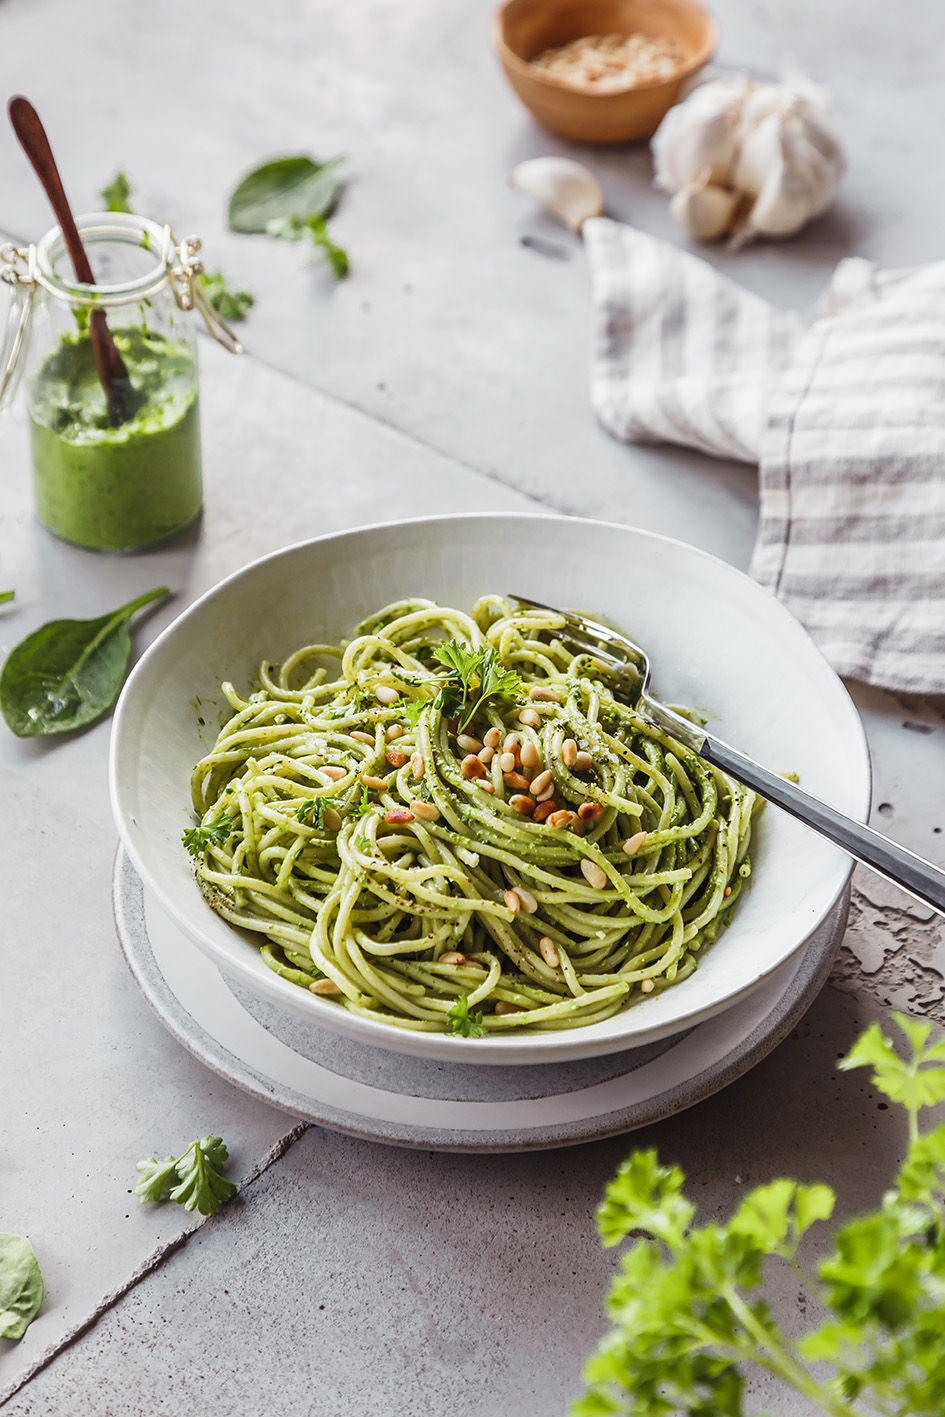 Ein Teller Spaghetti mit Pesto vermengt und Glas Pesto im Hintergrund